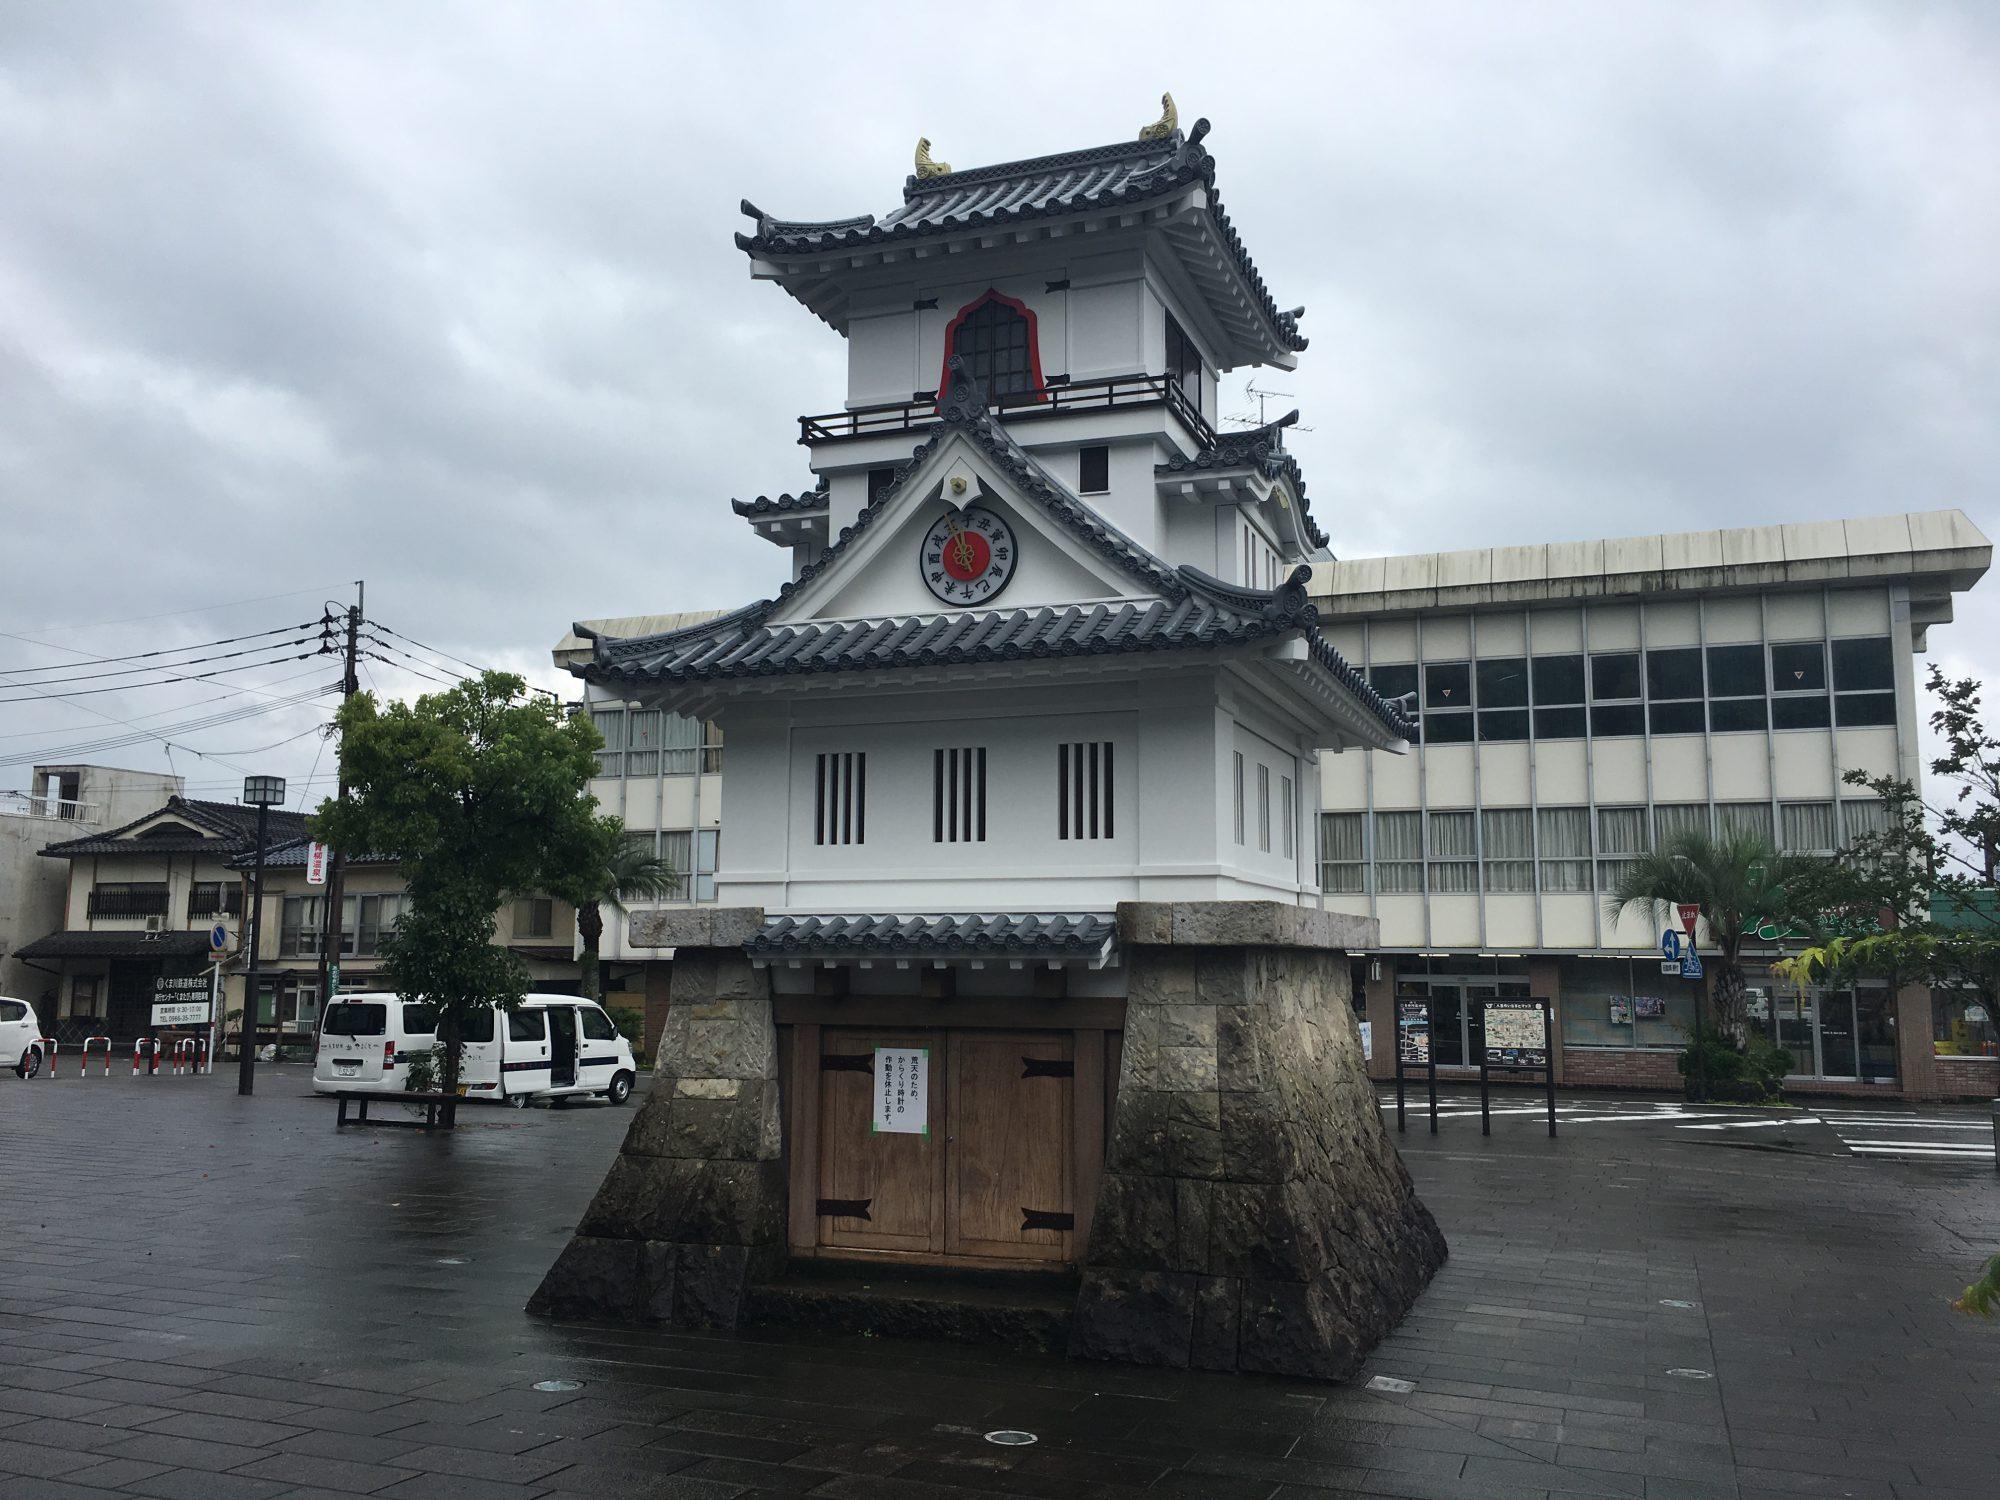 熊本県・人吉市、人吉駅のからくり時計🕰 – みほるん♪滞在記